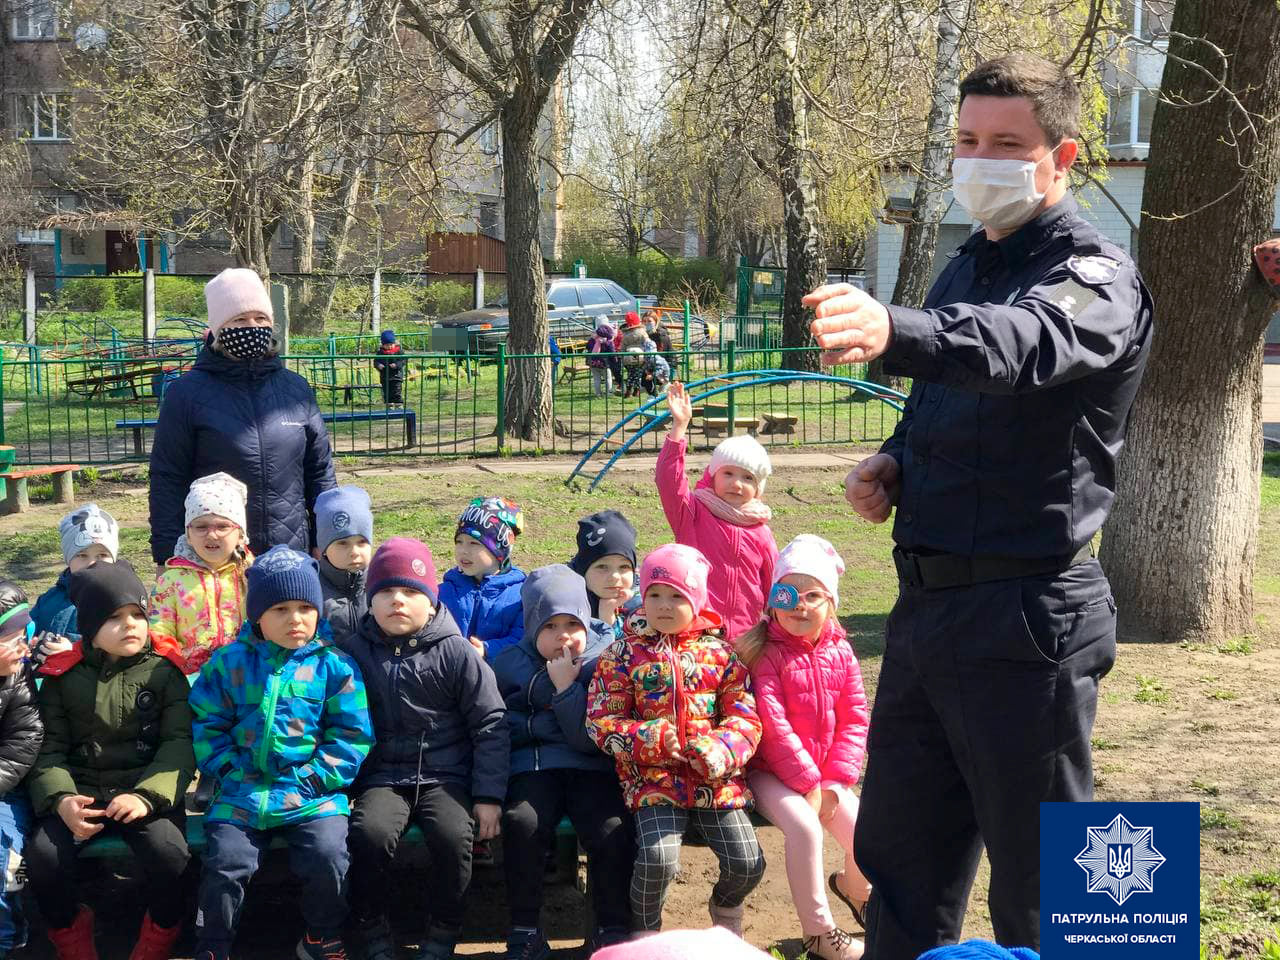 патрульний спілкується з дітьми